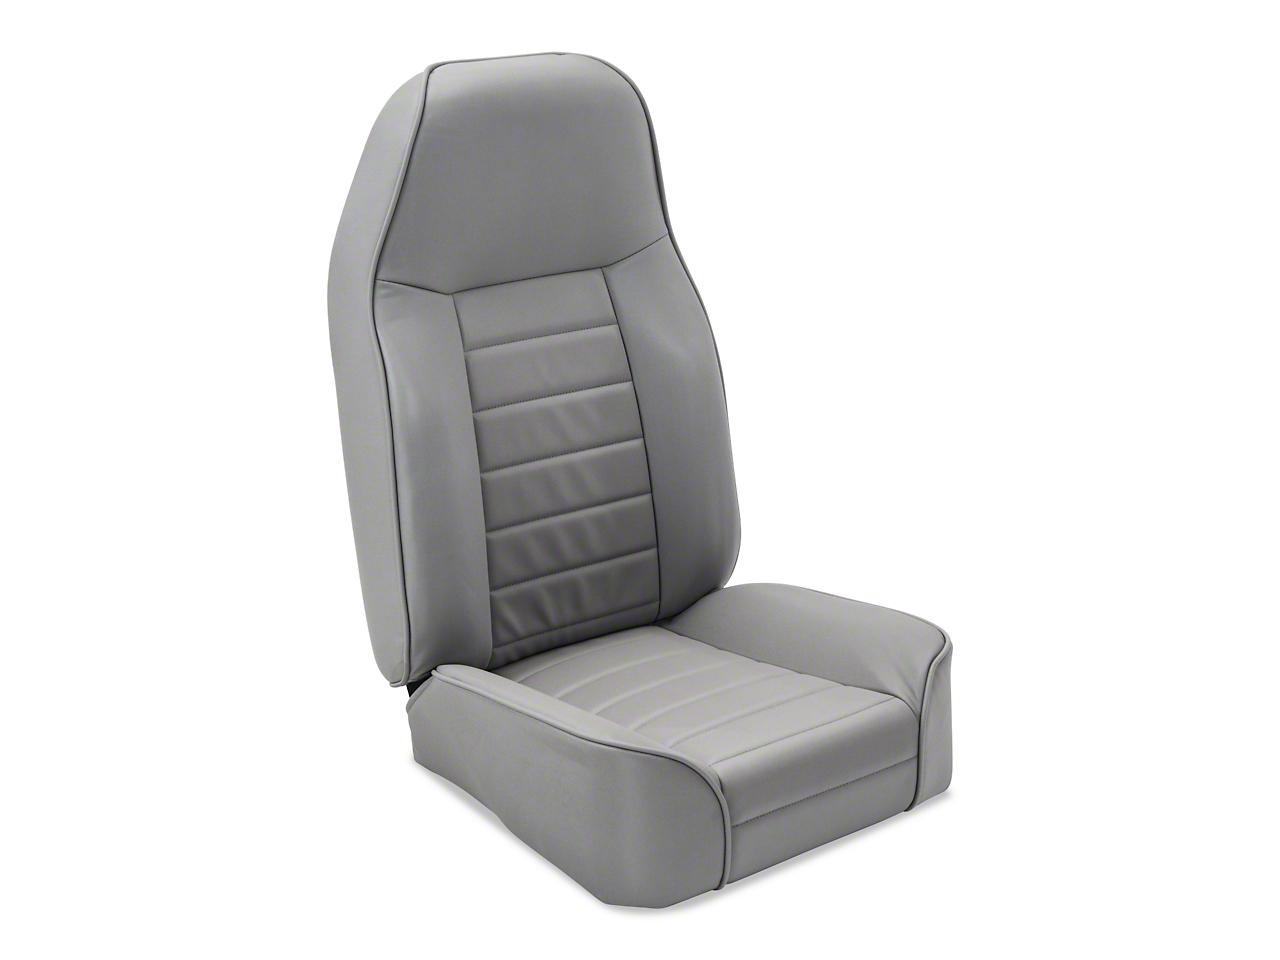 Smittybilt Standard Front Bucket Seat - Light Gray Denim (87-06 Wrangler YJ & TJ)